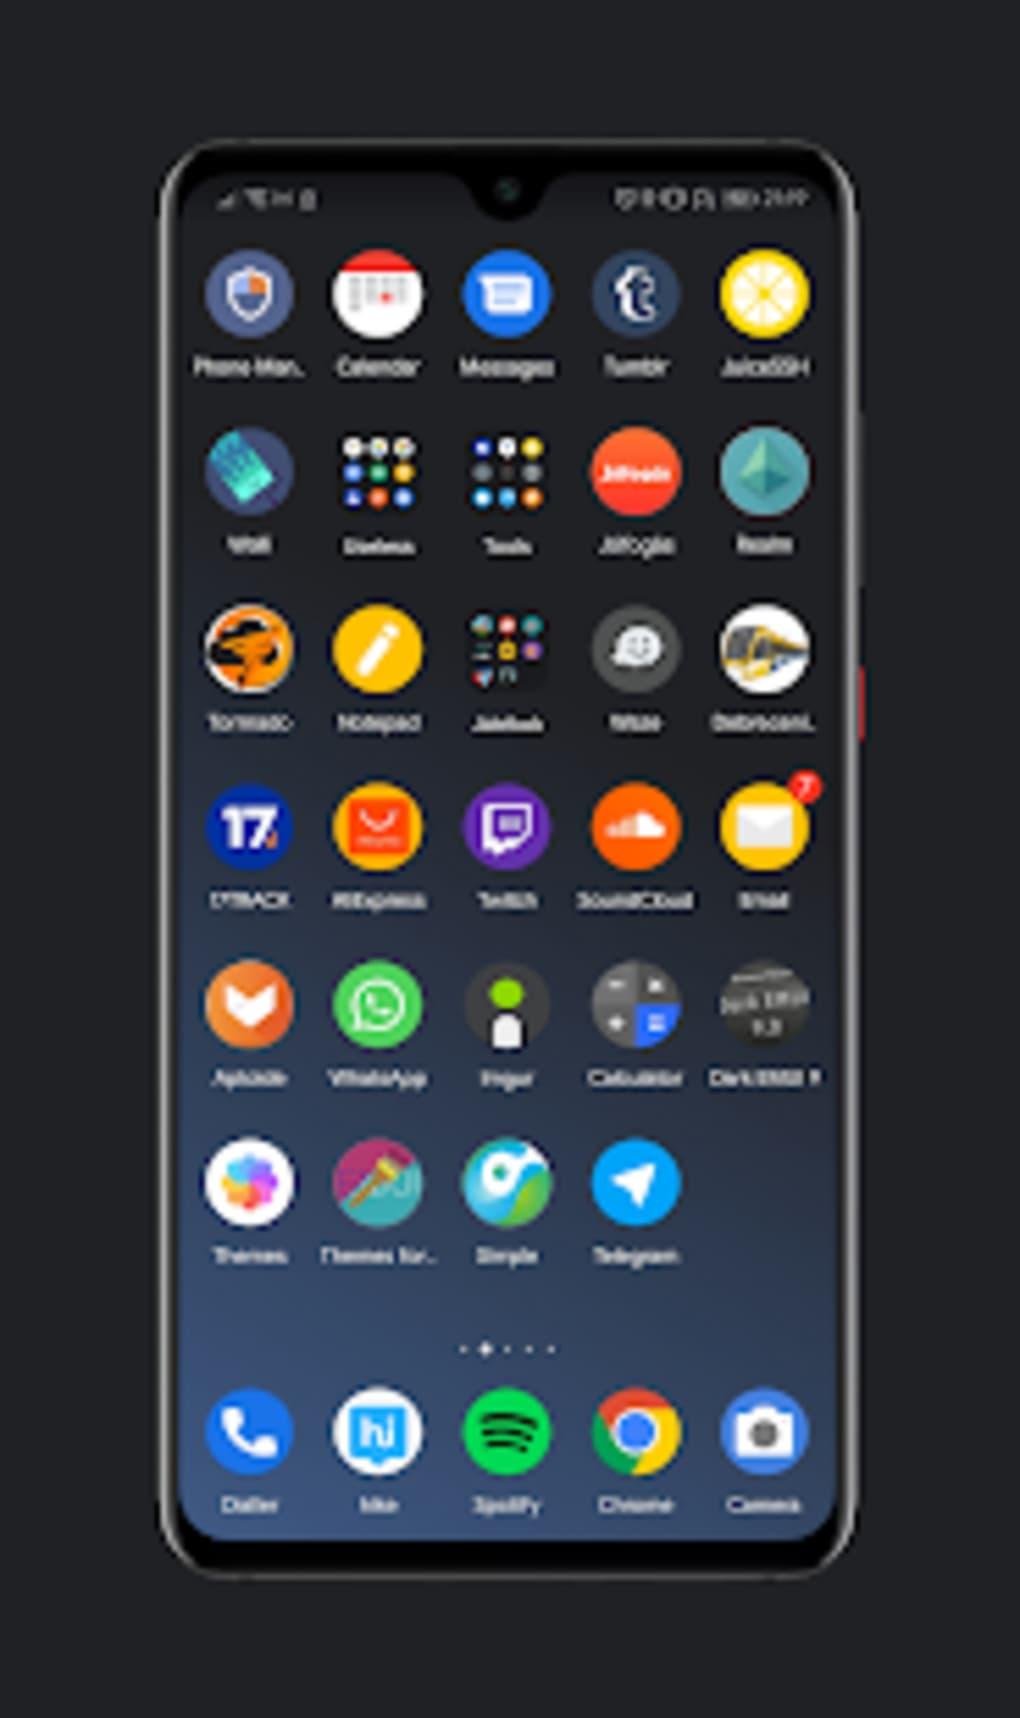 Os X Dark Theme For Huawei Apk